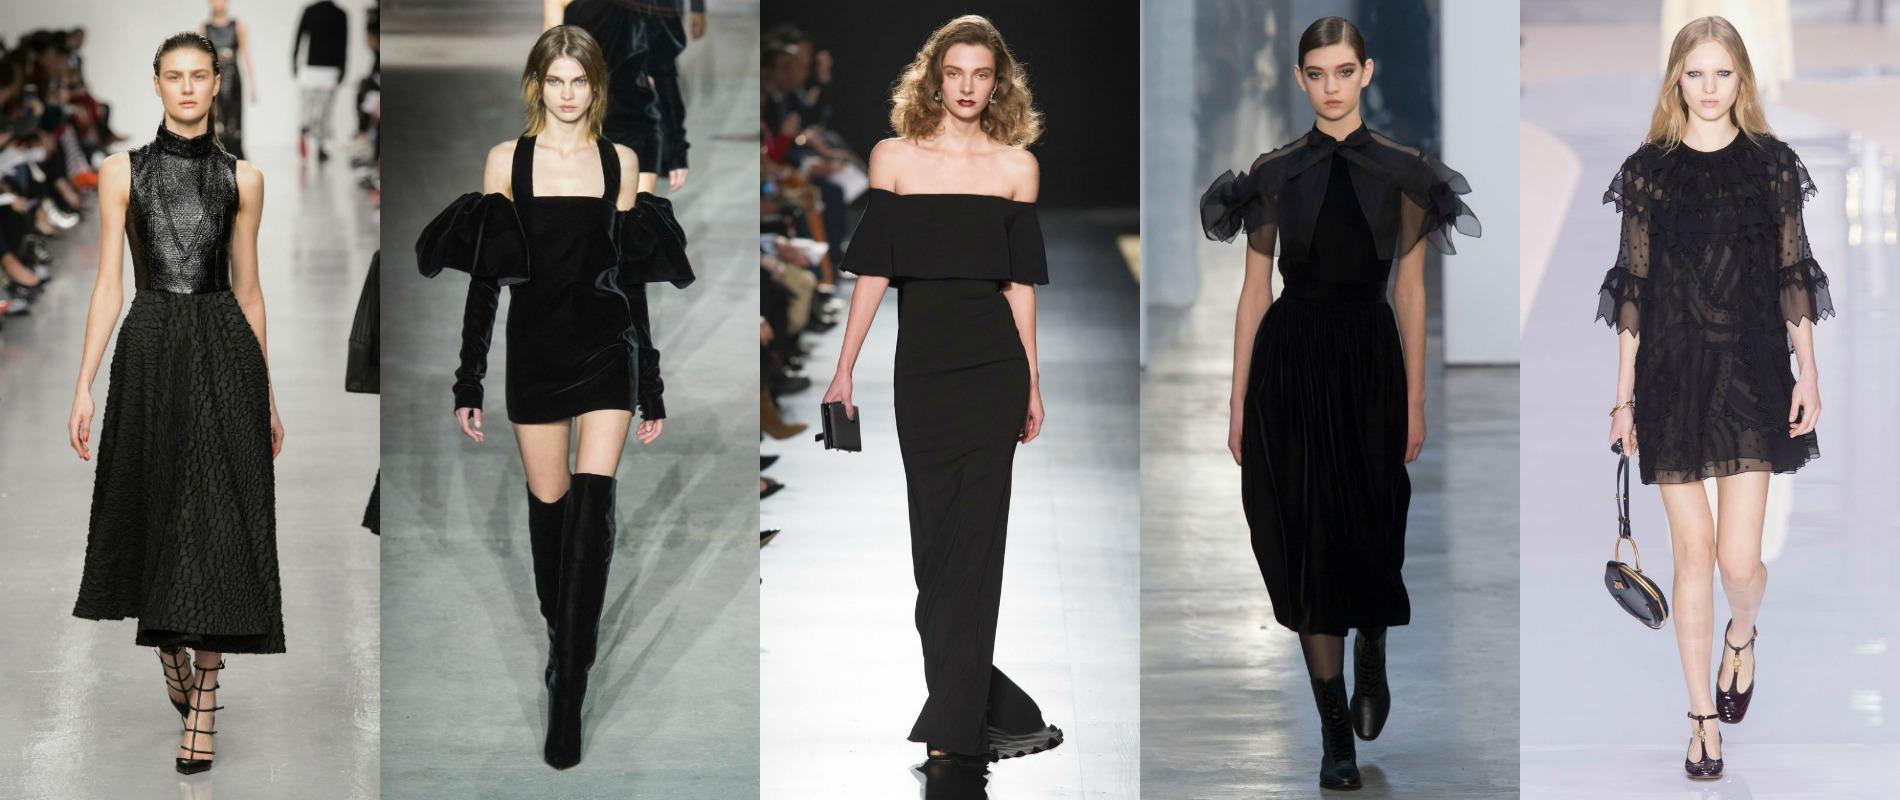 les s rieux arguments de la petite robe noire de demain. Black Bedroom Furniture Sets. Home Design Ideas